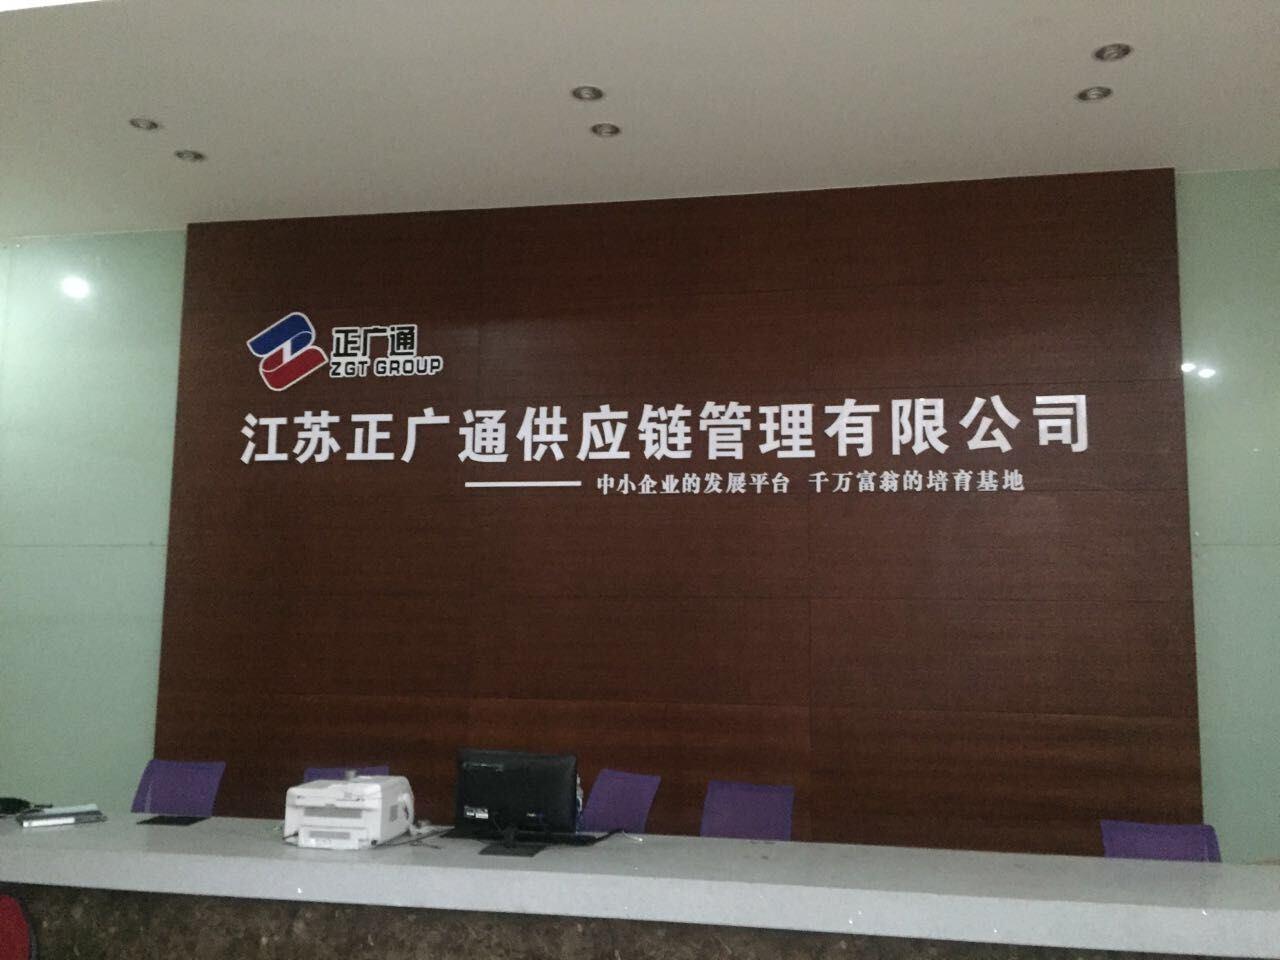 无锡到楚雄物流专线(广昌正广通供应链管理有限公司无锡业务处)